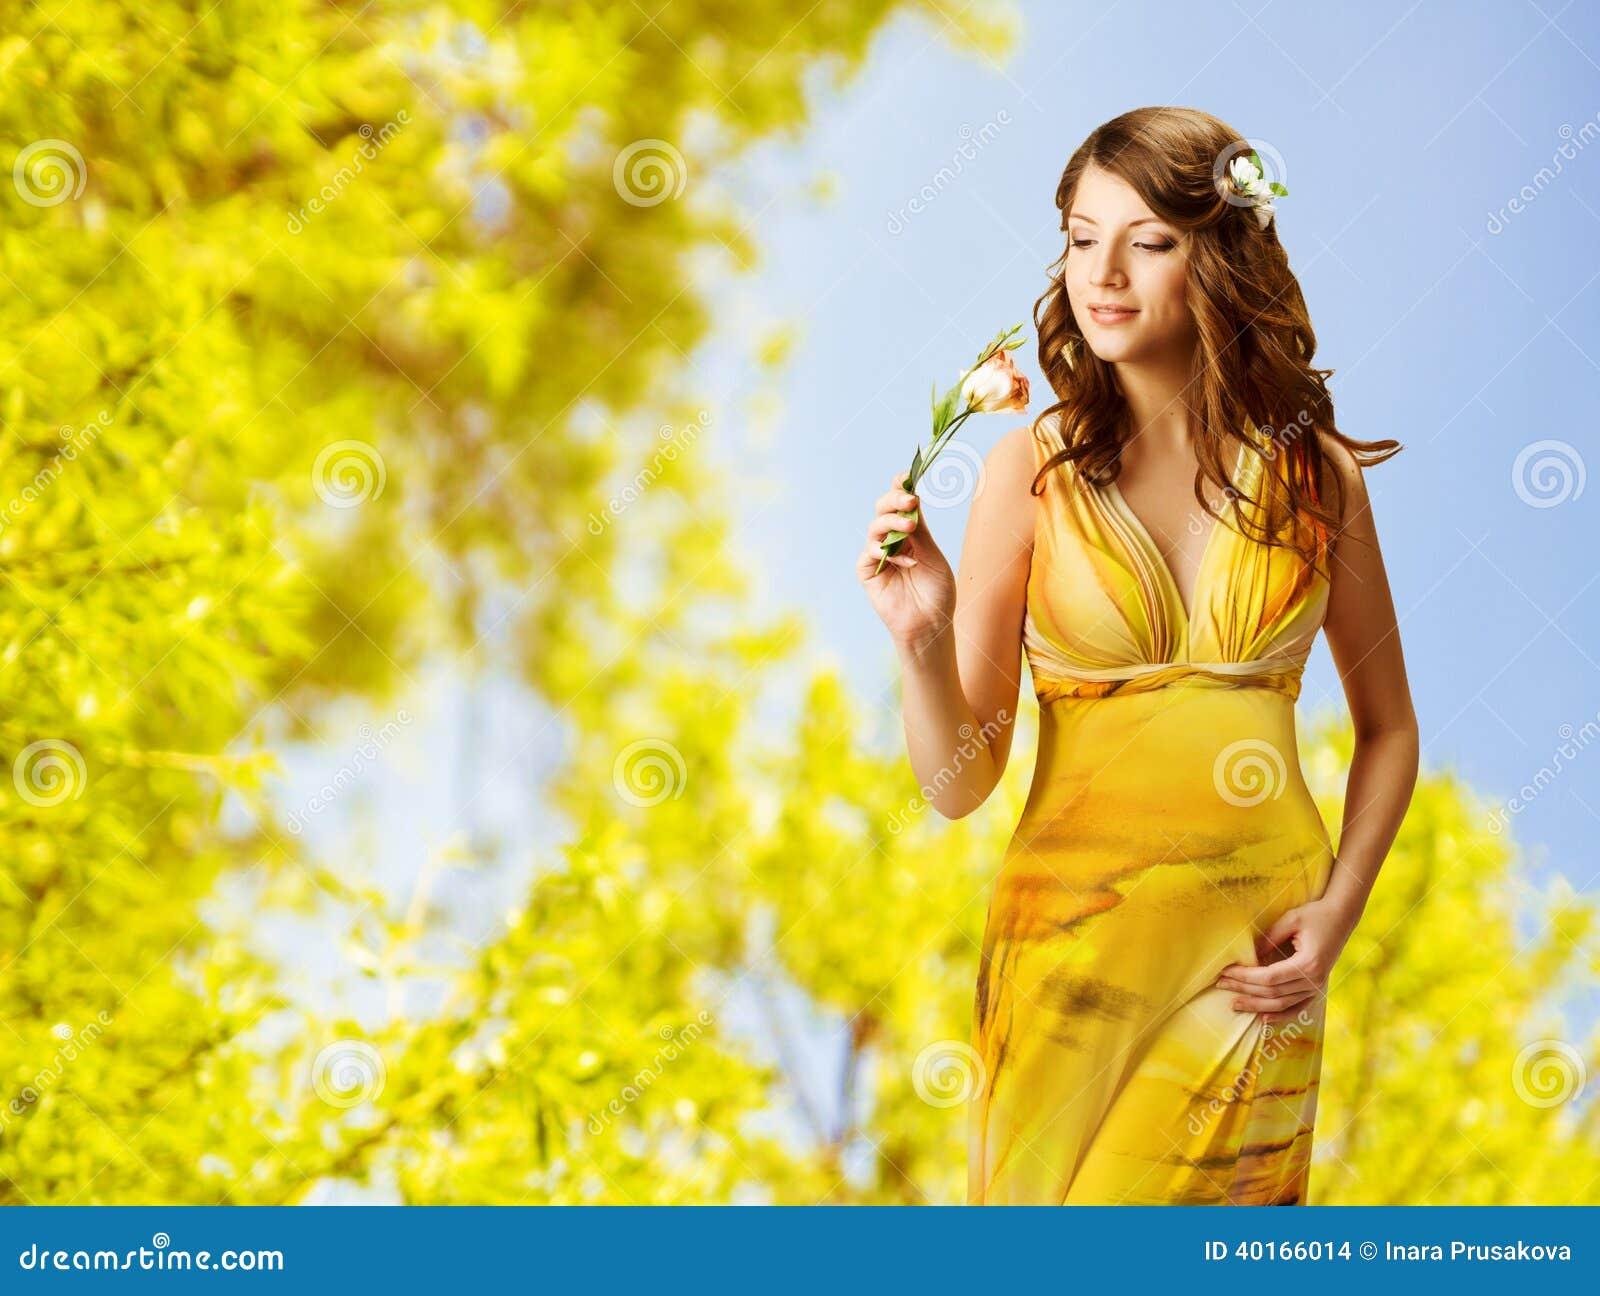 Kobieta wącha kwiaty, wiosny piękna dziewczyna w yel portret